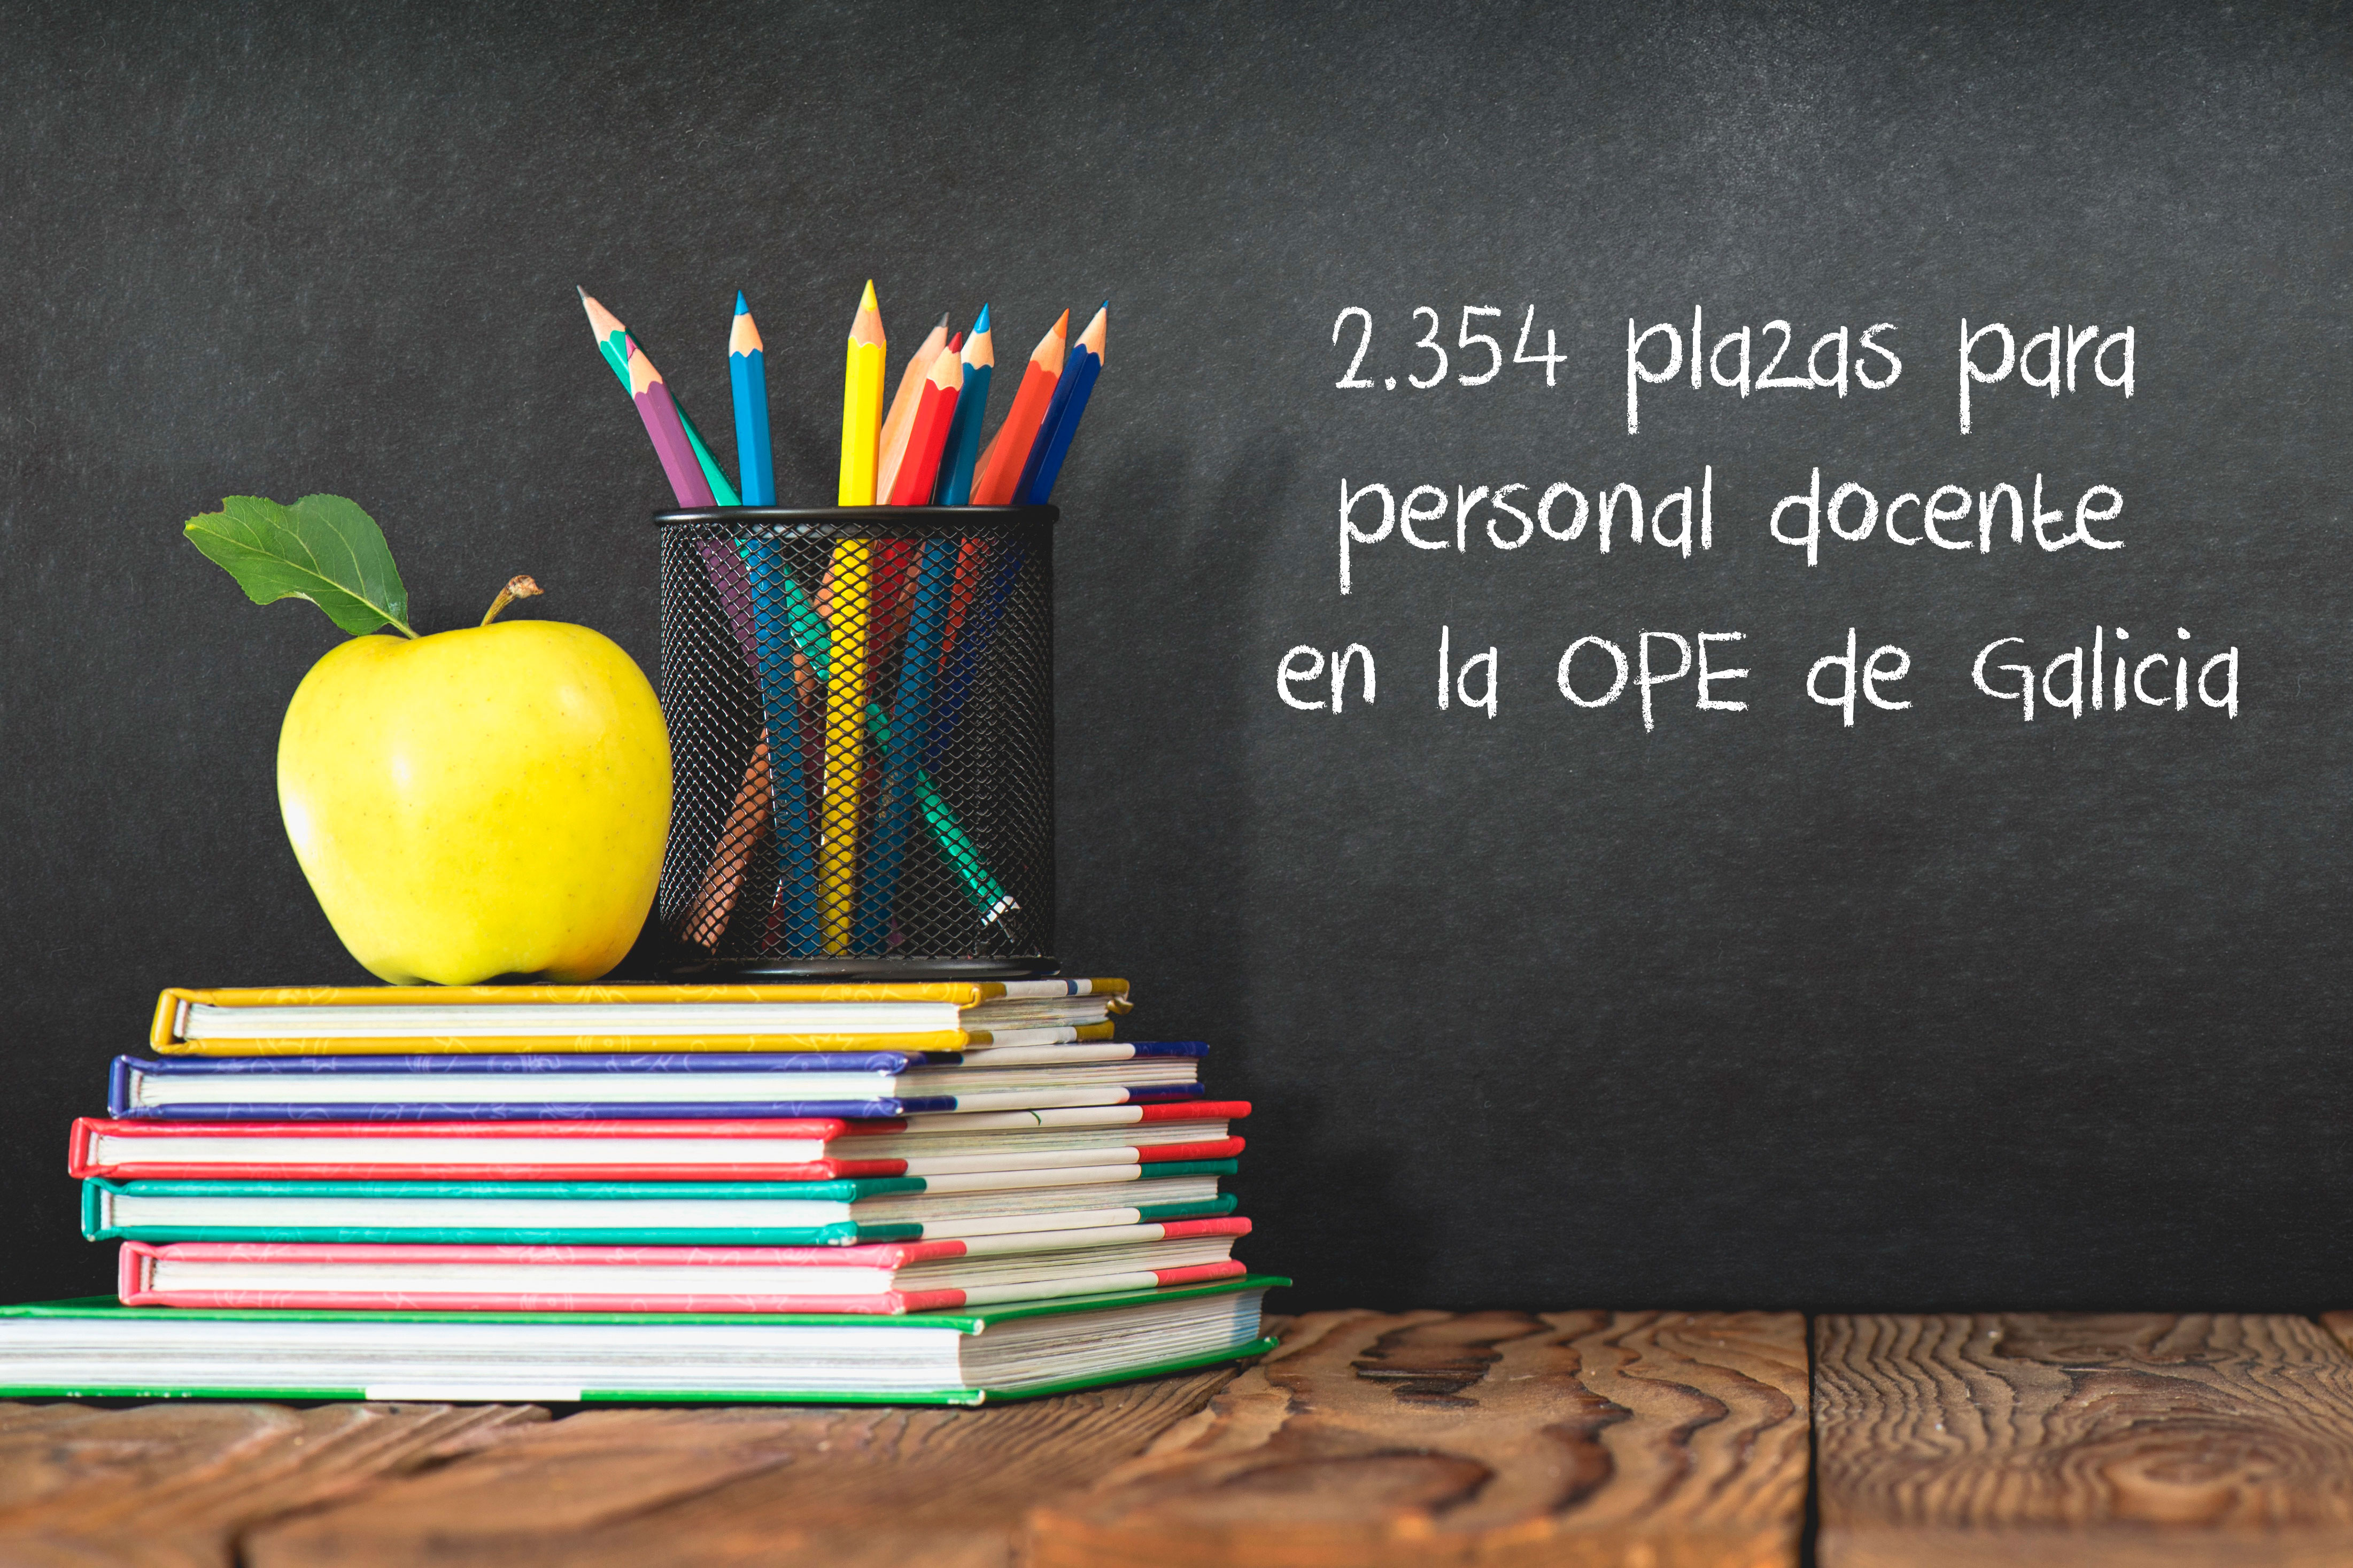 2.354 plazas para personal docente en la OPE de Galicia